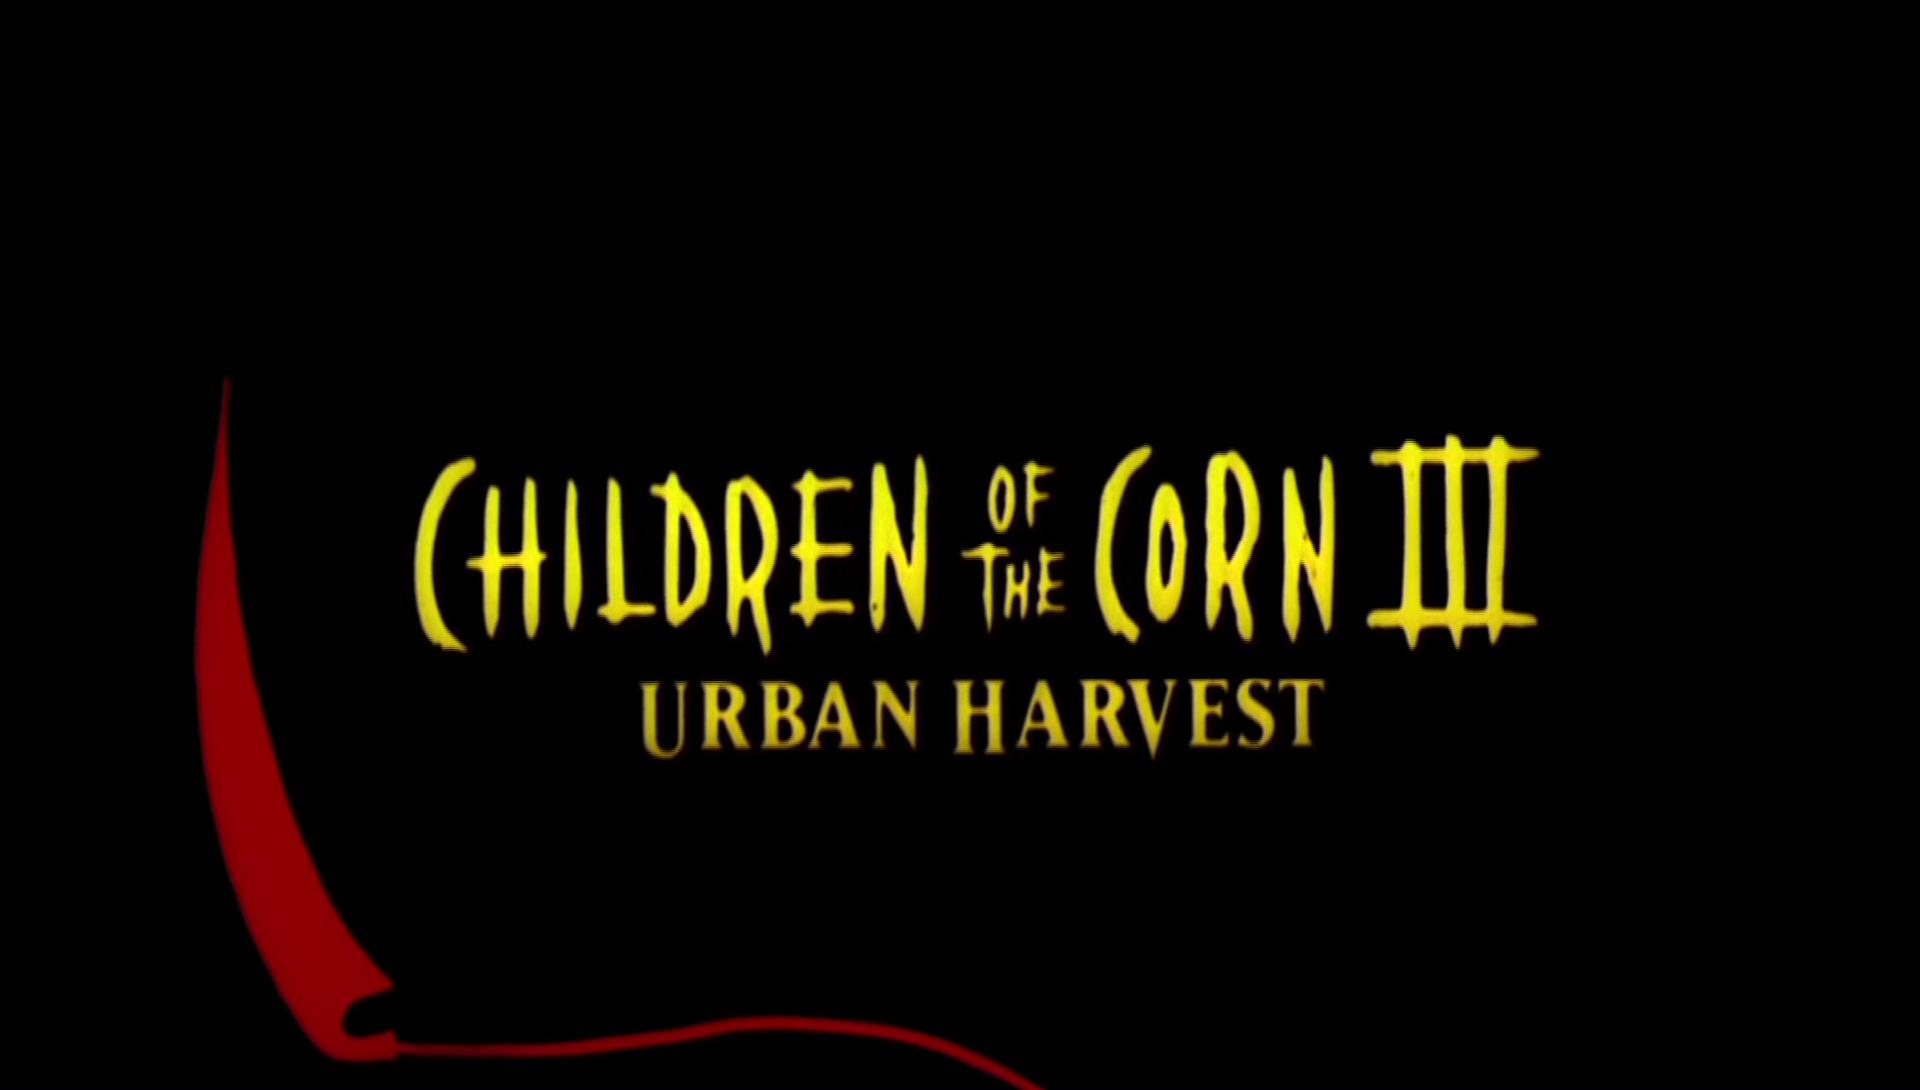 LES ENFANTS DU MAÏS 3 : LES MOISSONS DE LA TERREUR (Children of the Corn 3: Urban Harvest) de James D.R. Hickox (1995)